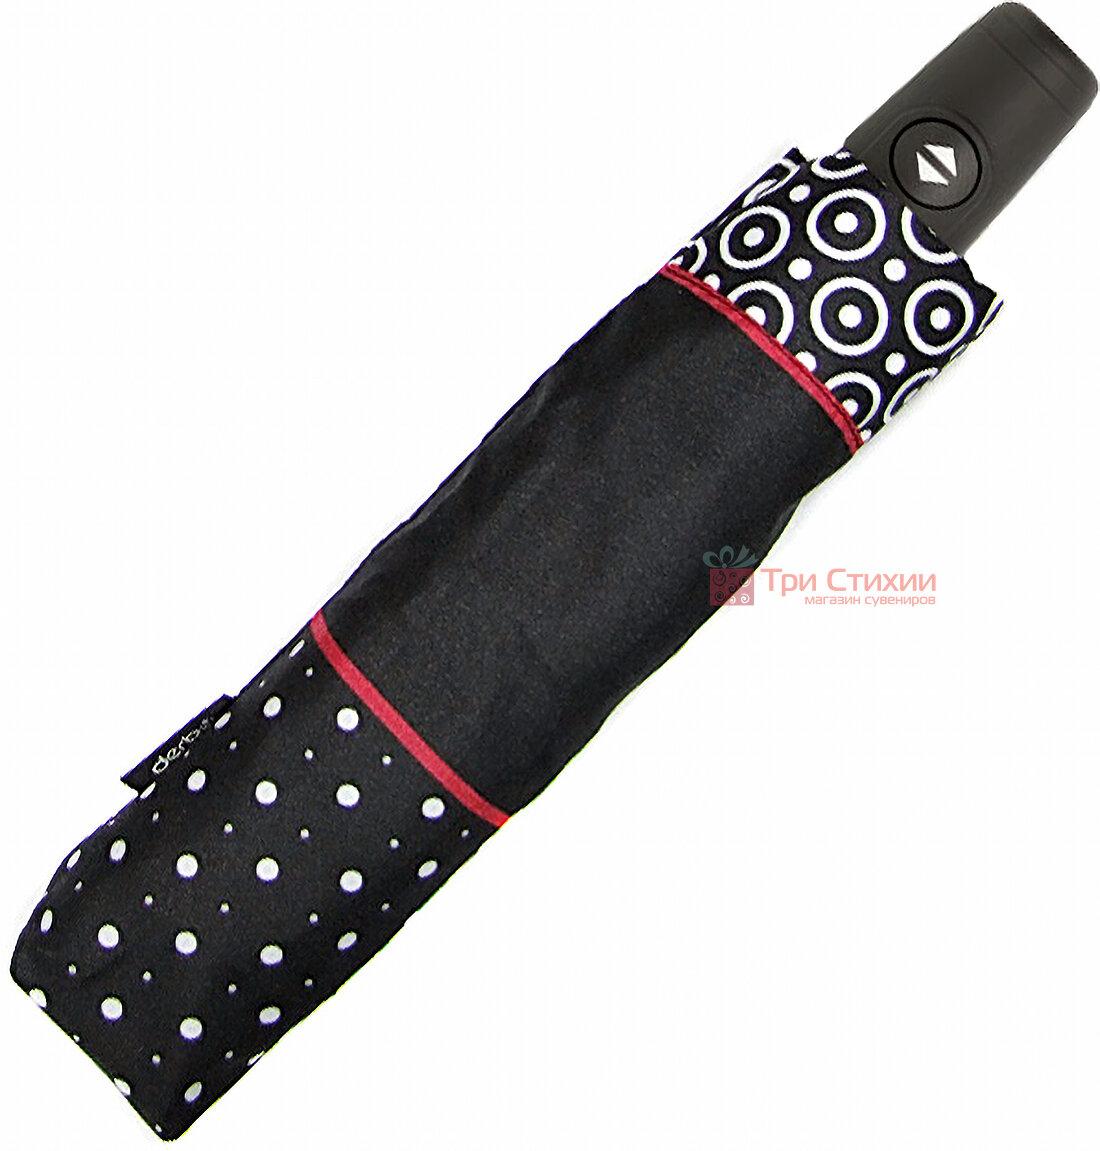 Зонт складной Derby 744165PL-3 полный автомат Красная полоса, фото 2